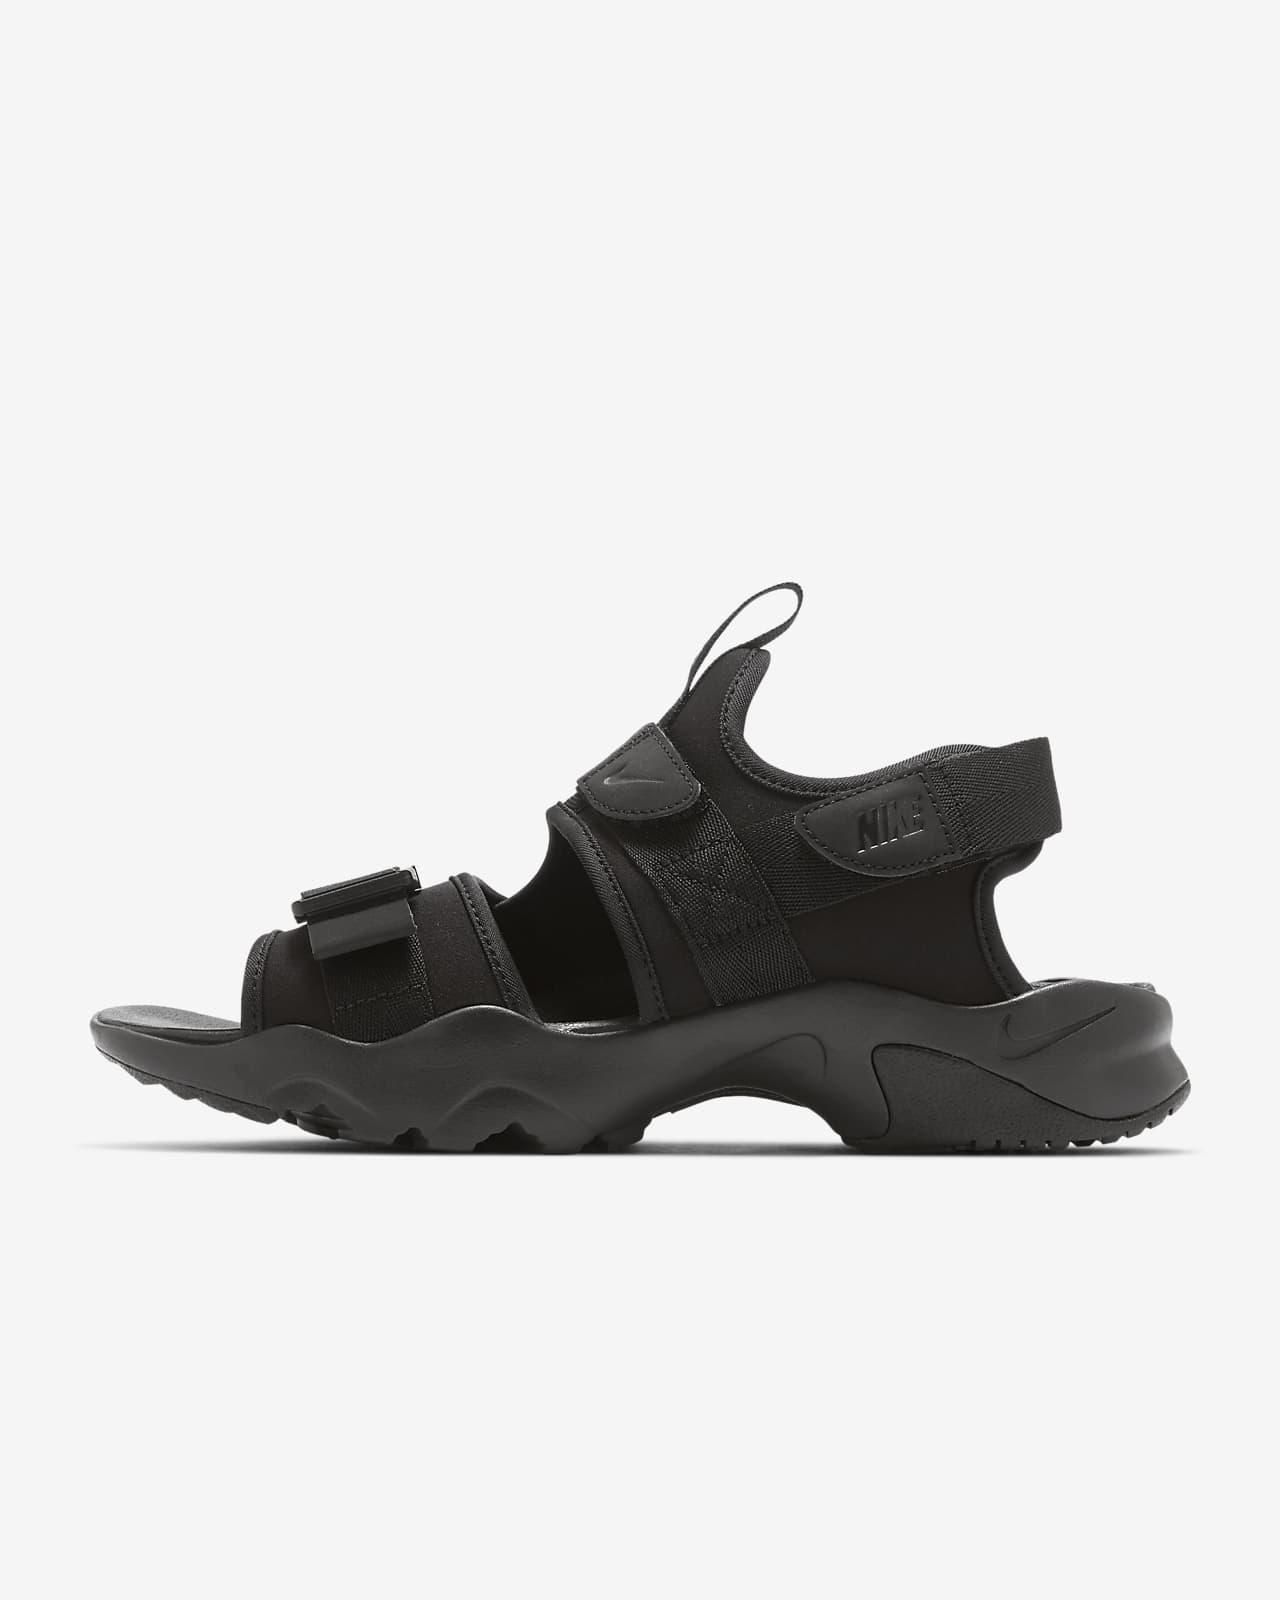 Nike Canyon férfiszandál